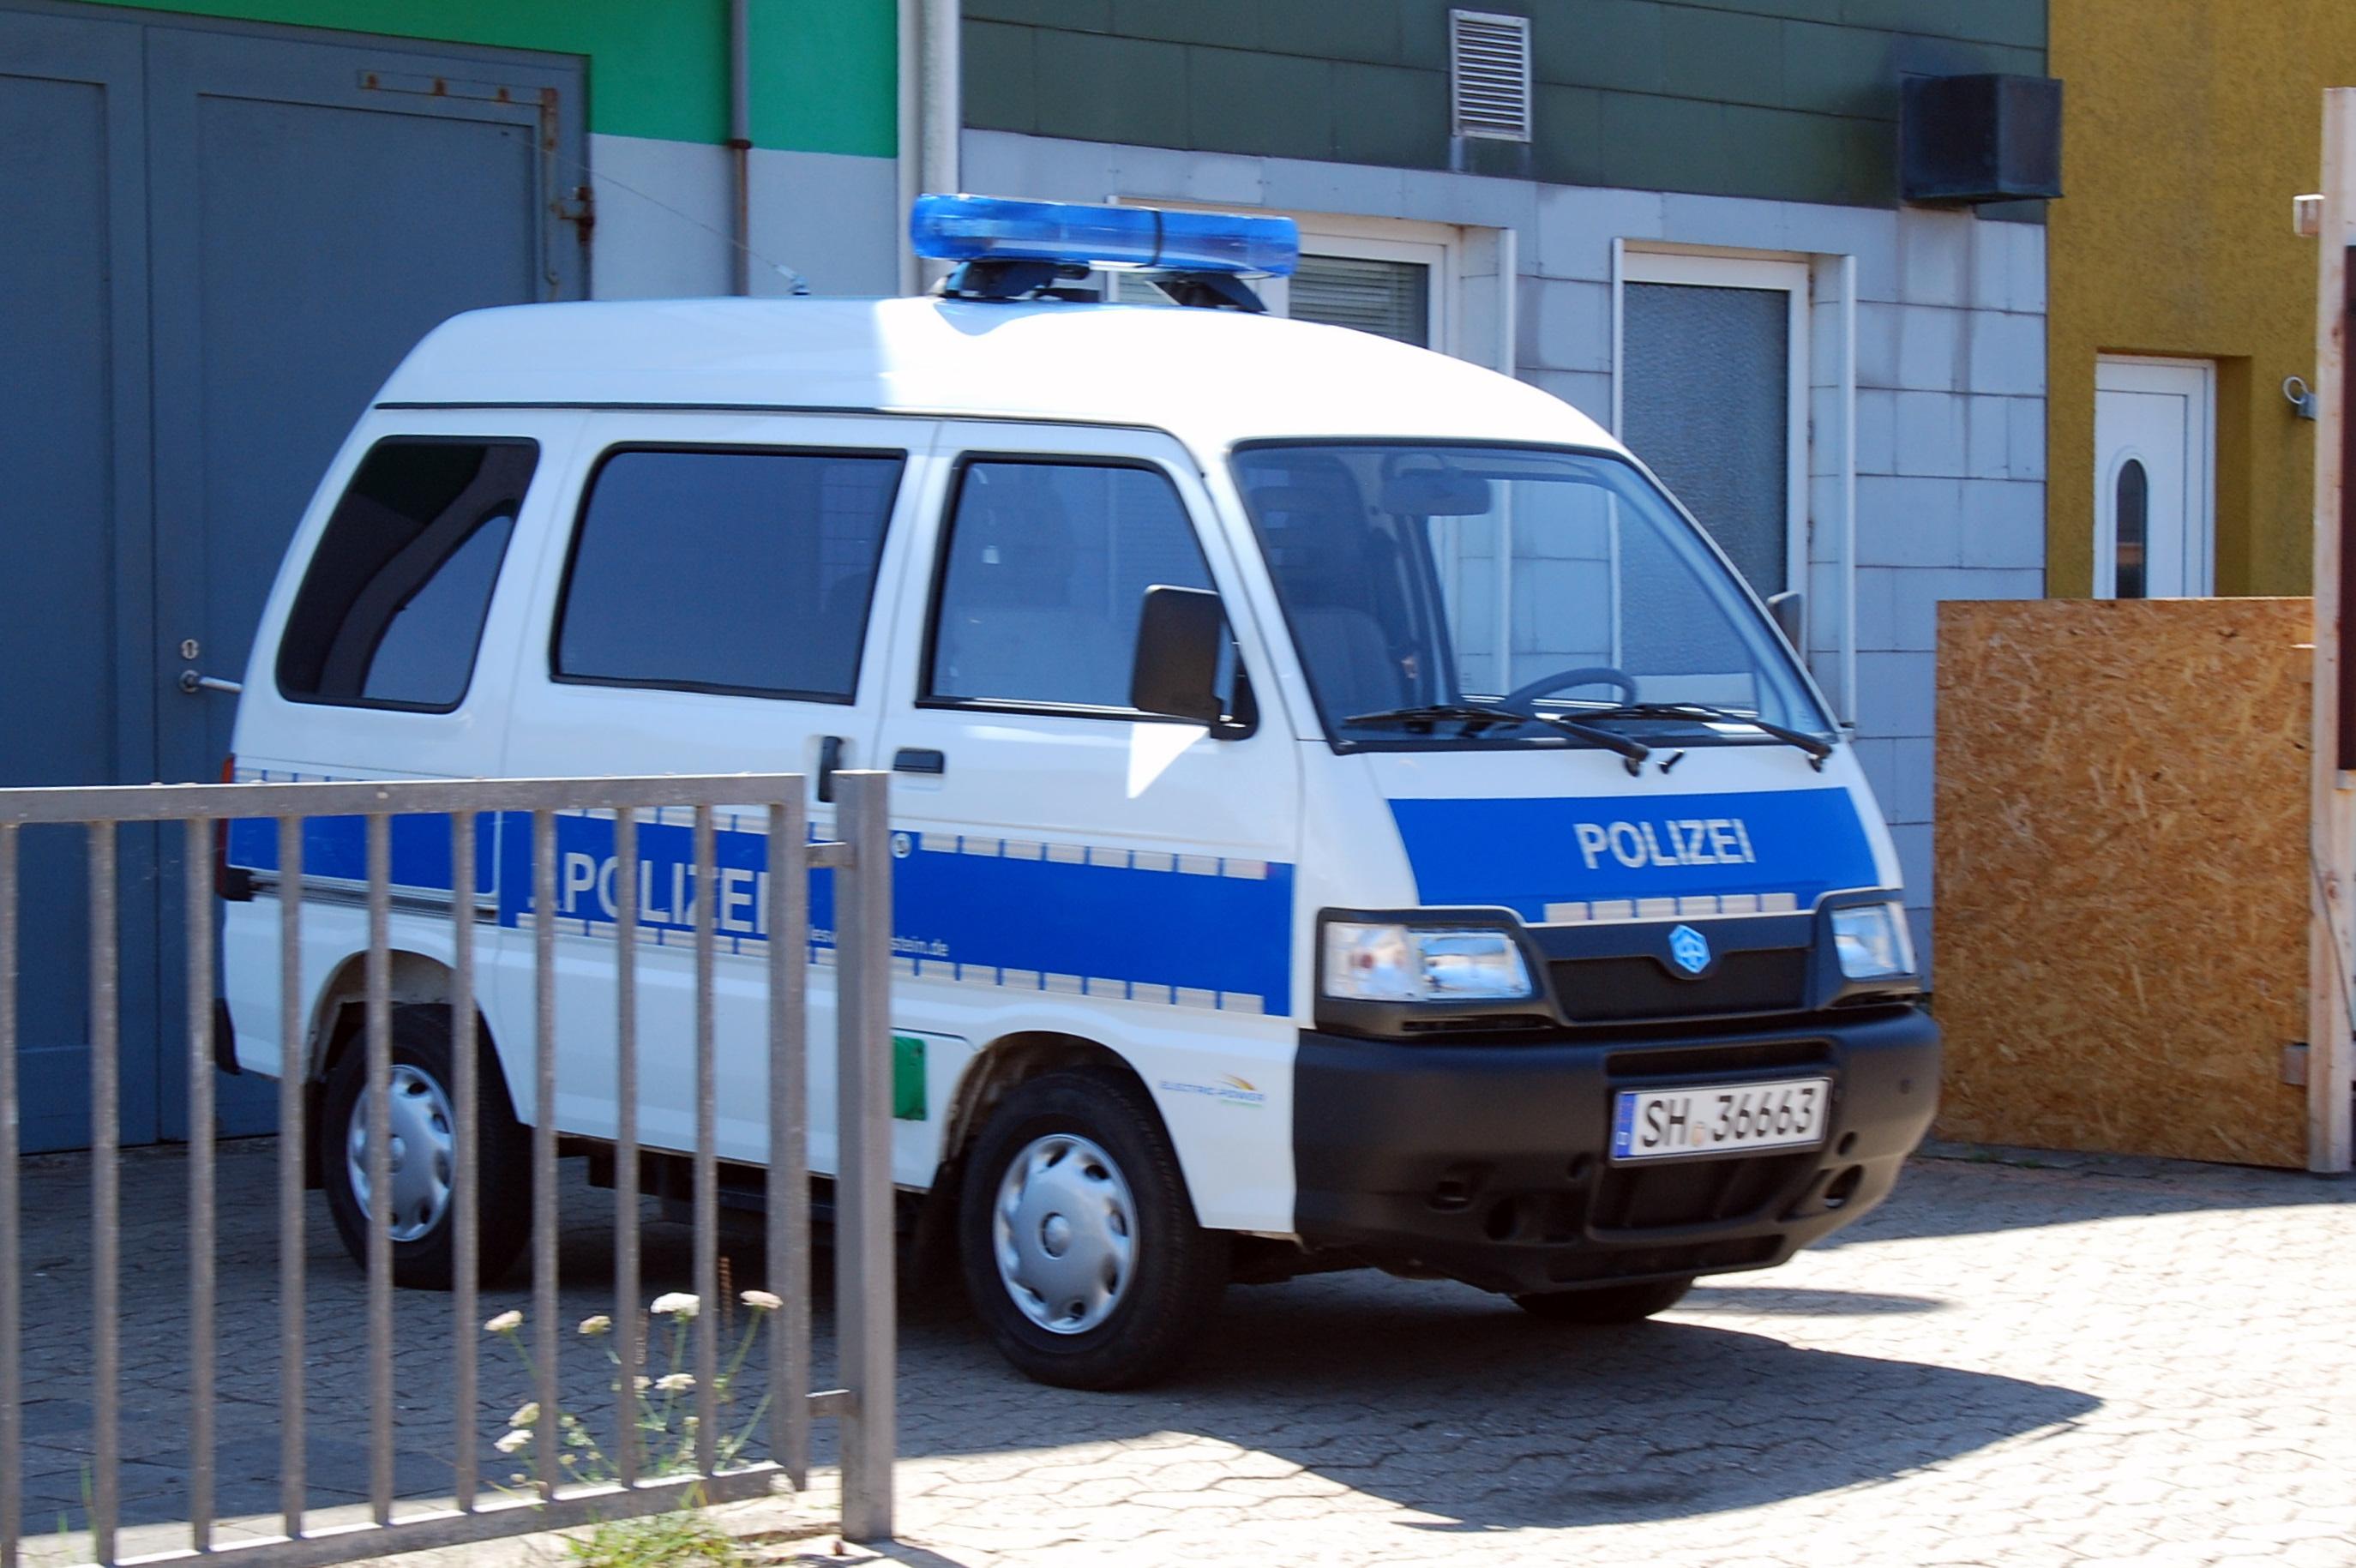 En El-Politibil, klar til udrykning.